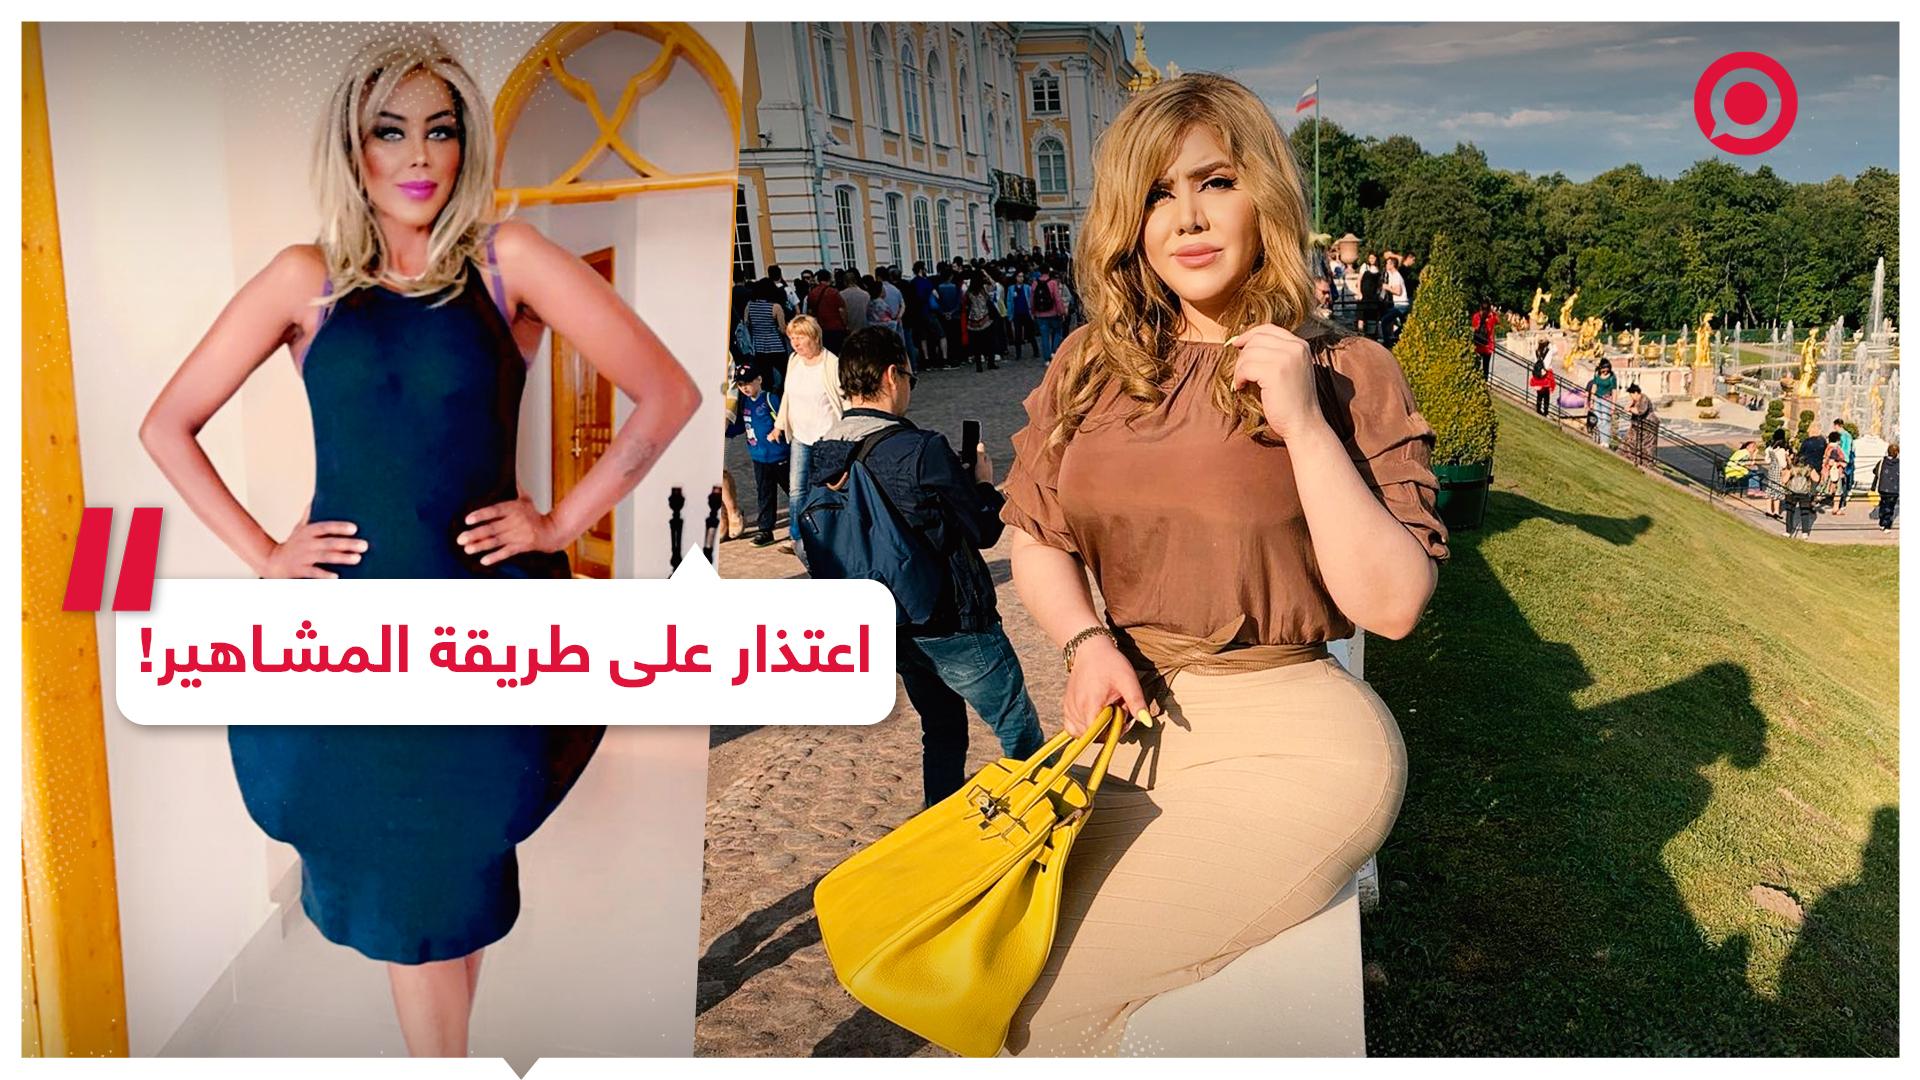 فينيسيا الكويتية تعتذر عن التنمر!